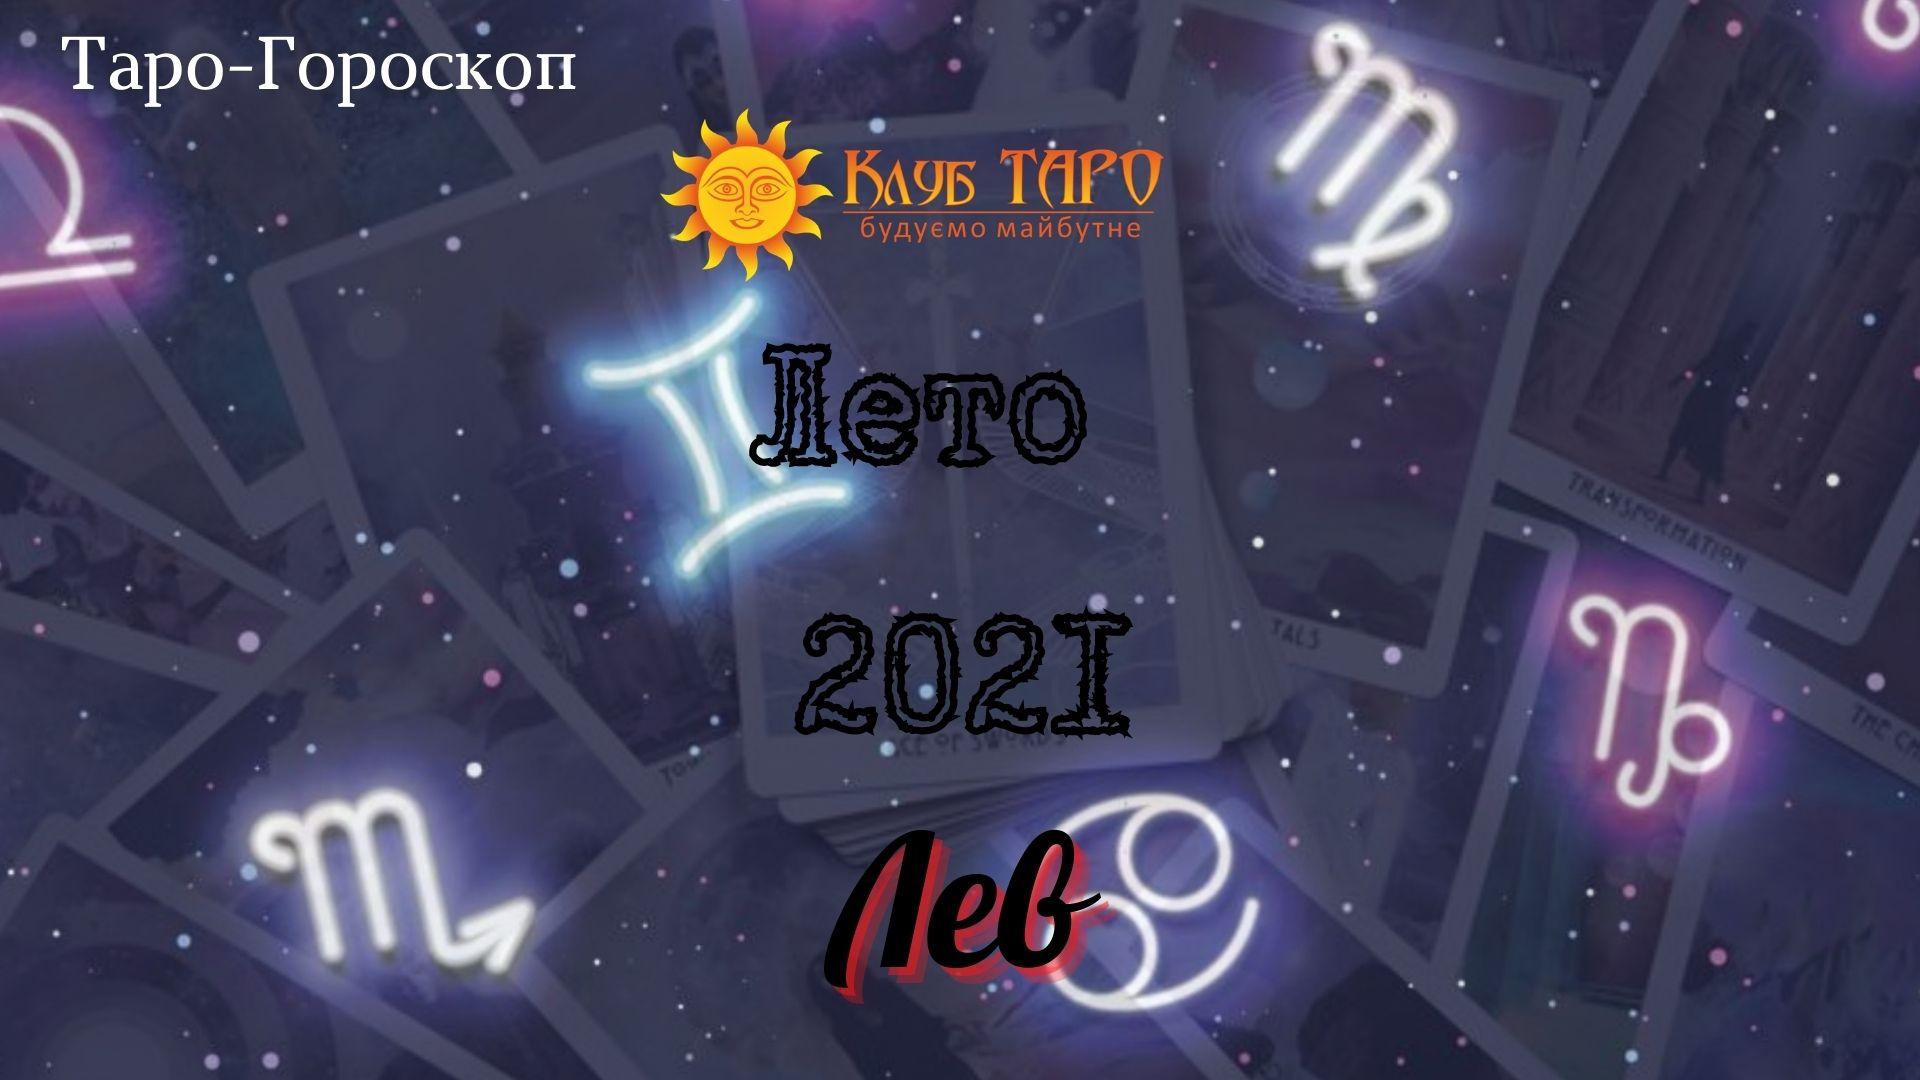 horoslevlet21